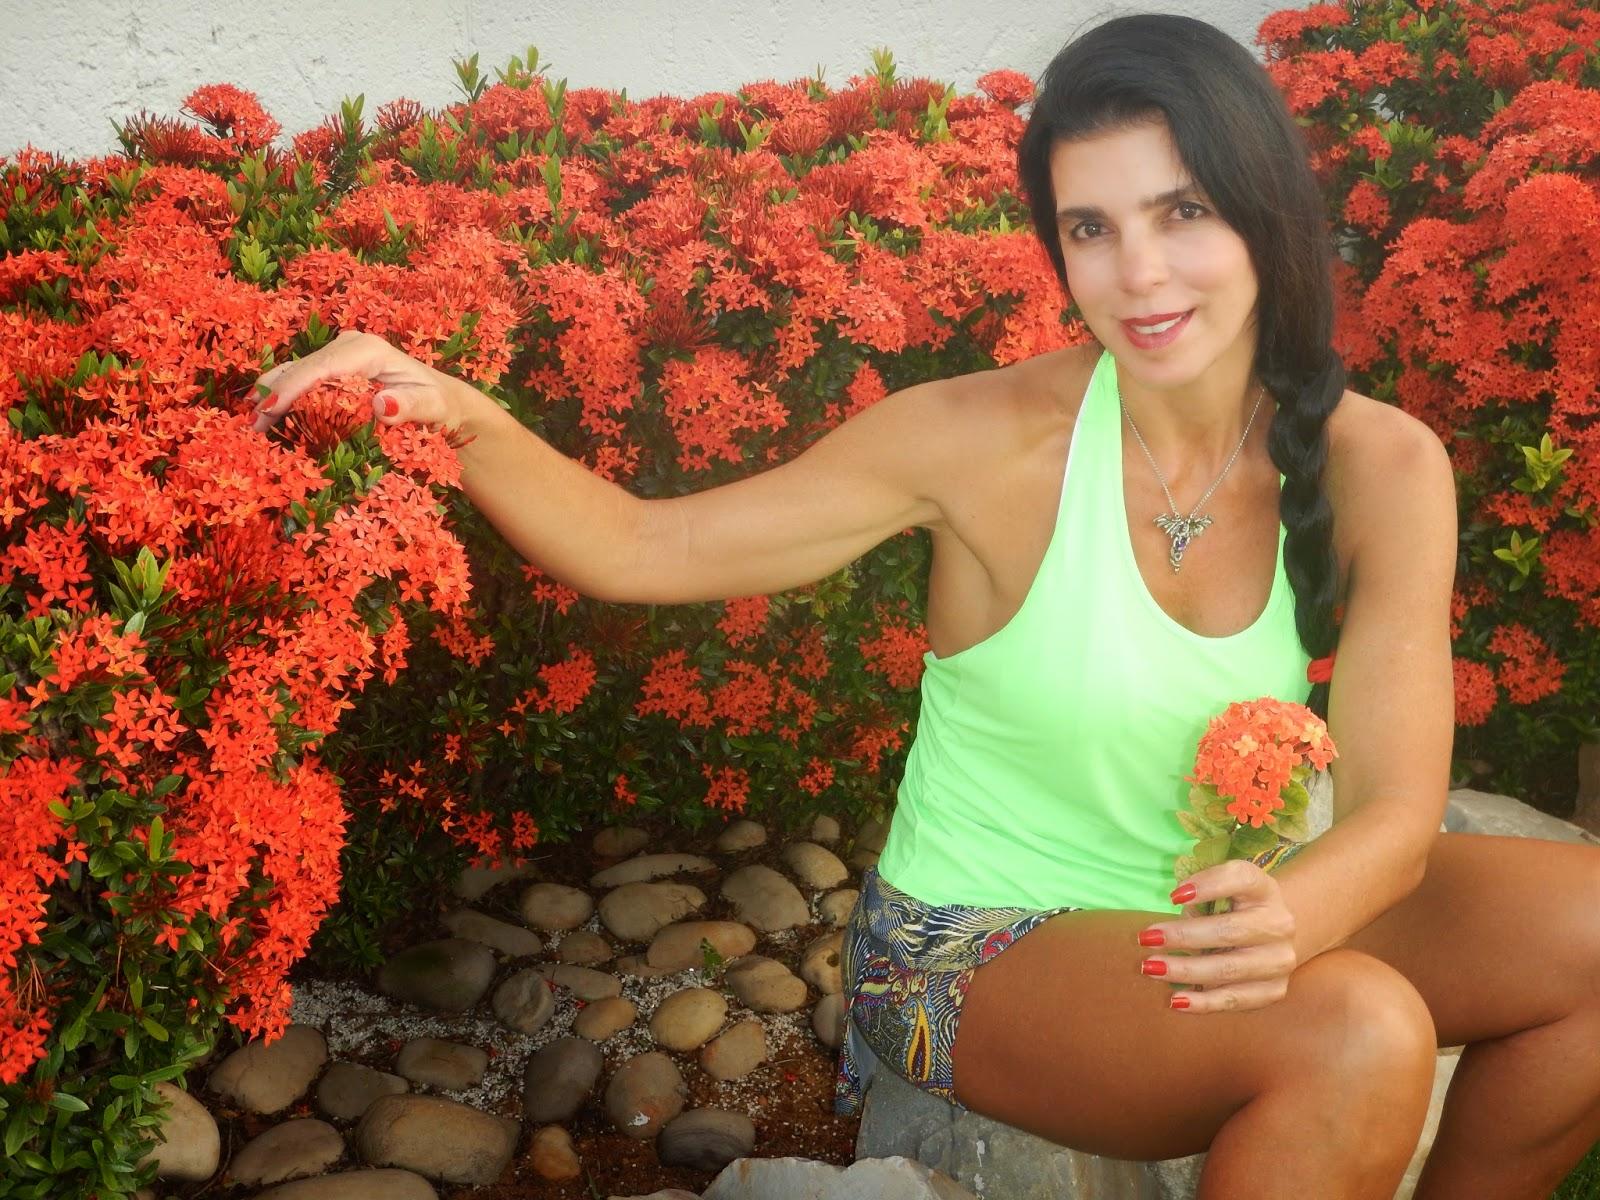 flores jardim ano todo : flores jardim ano todo:Blog da Adriana Alvim: Ixora – jardim florido e protegido